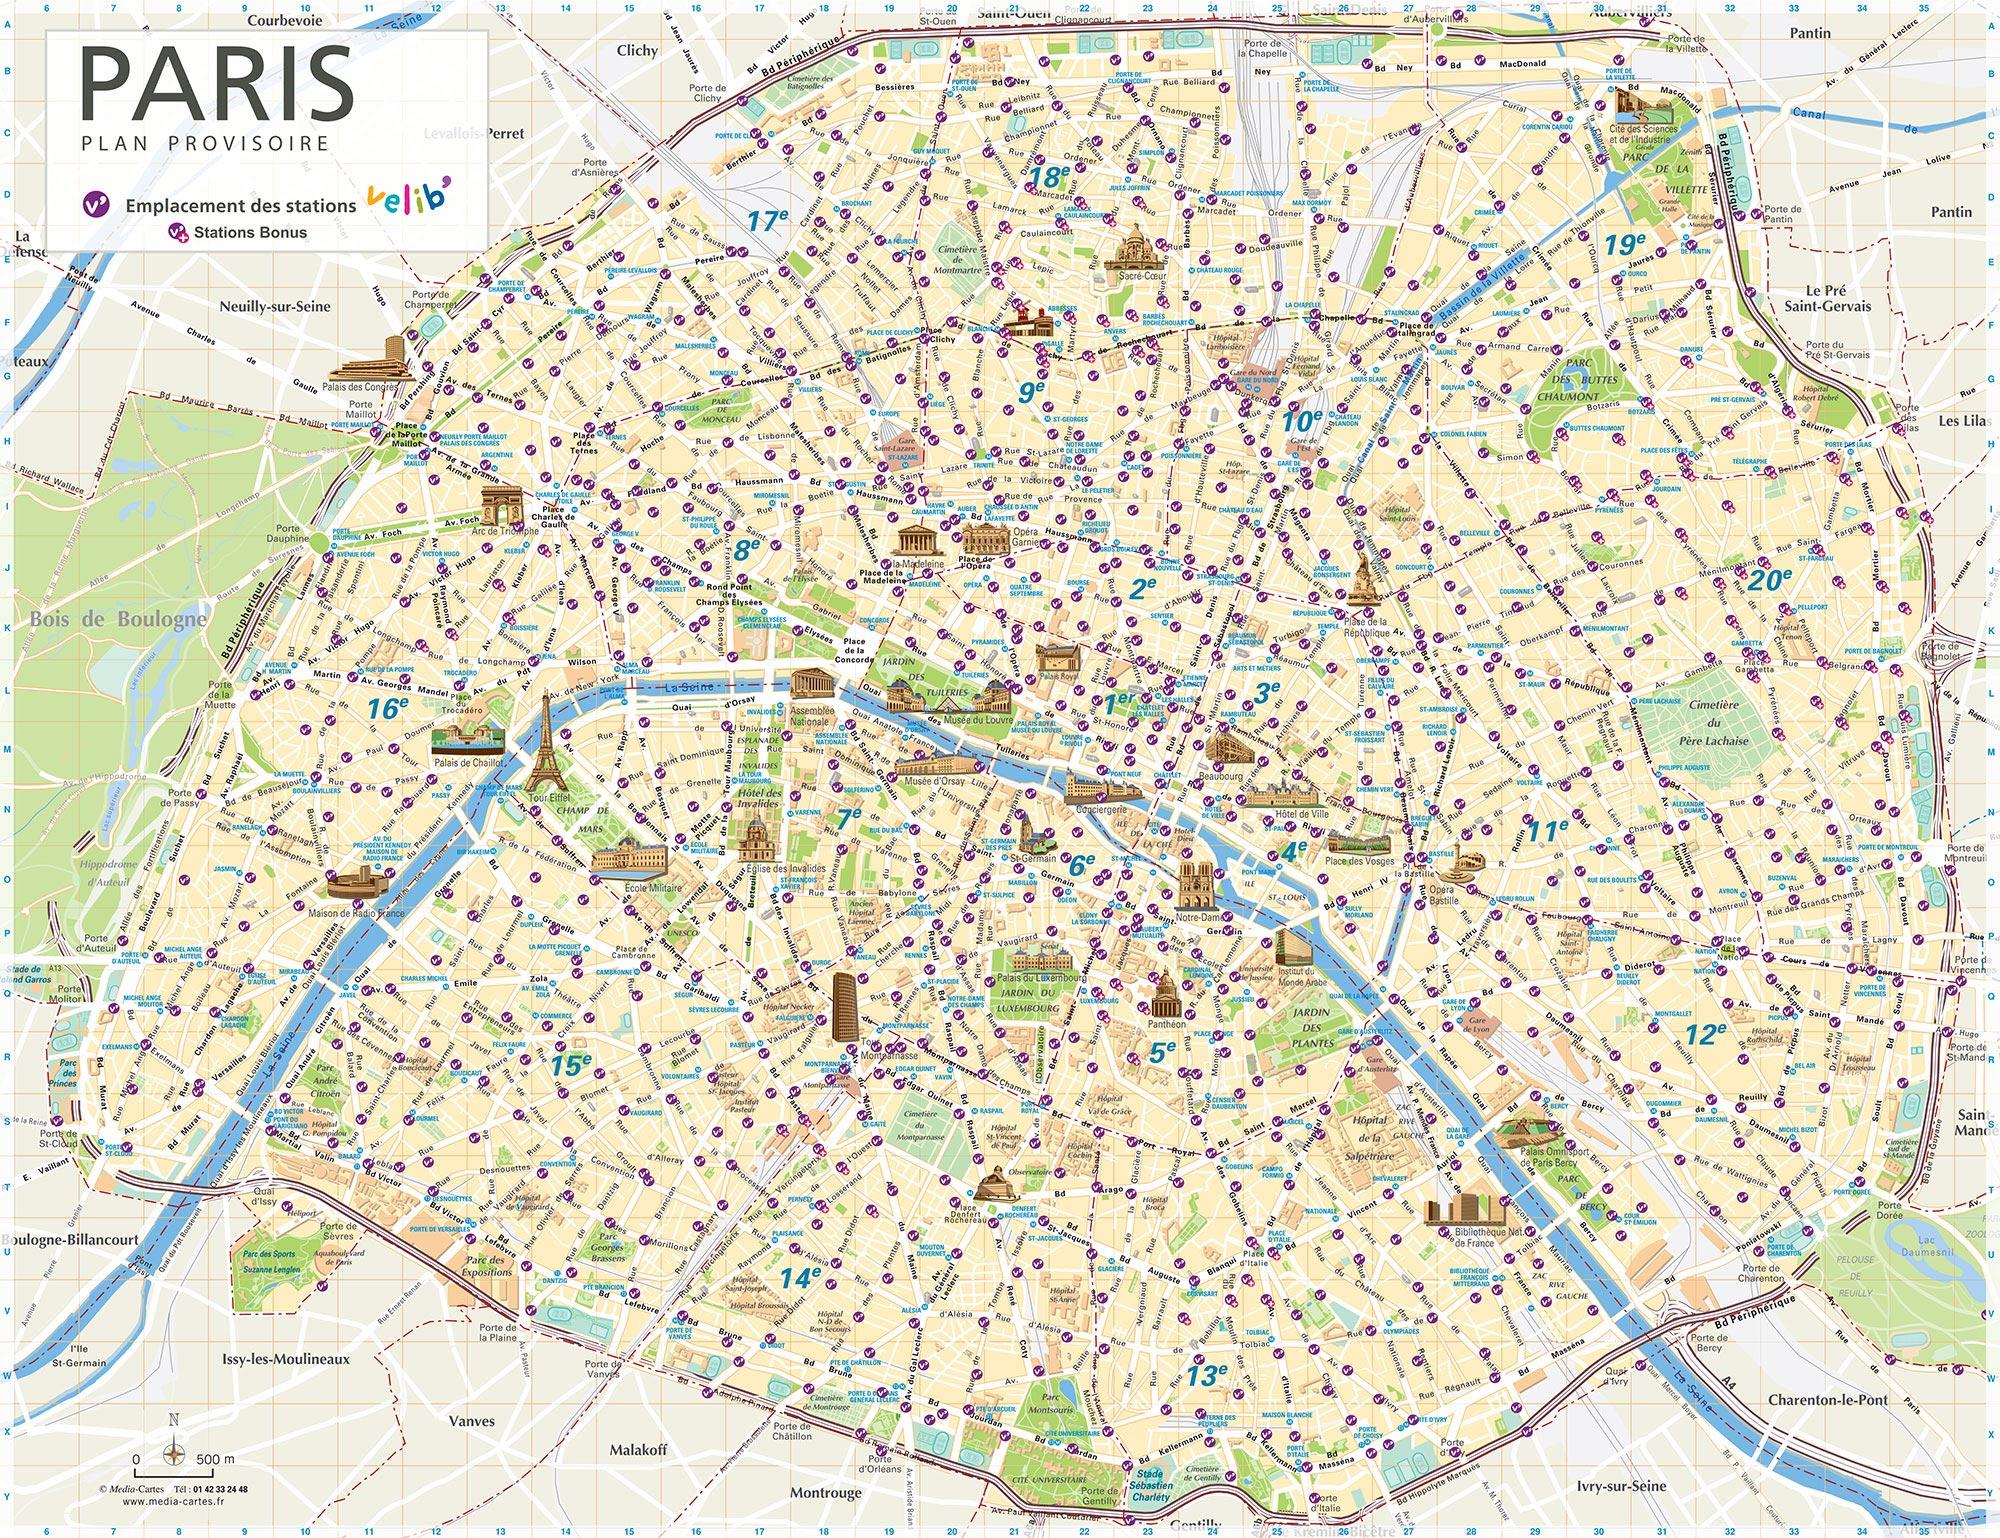 Plan de Paris - Carte Station velib